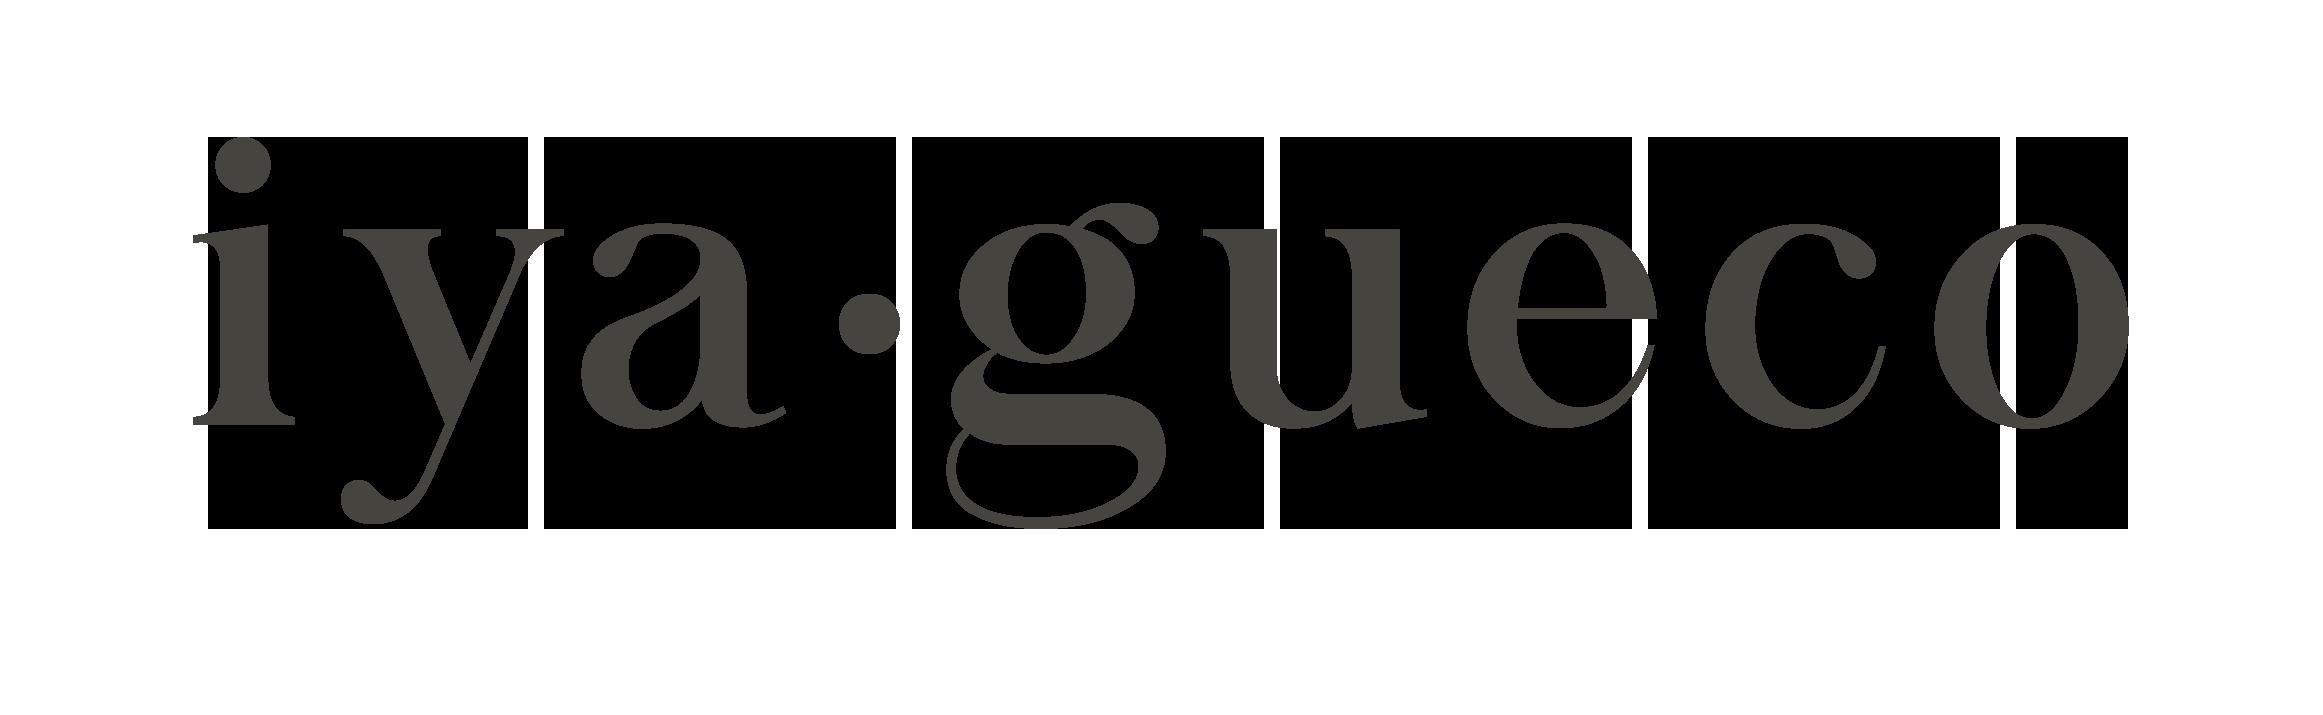 Iya Gueco